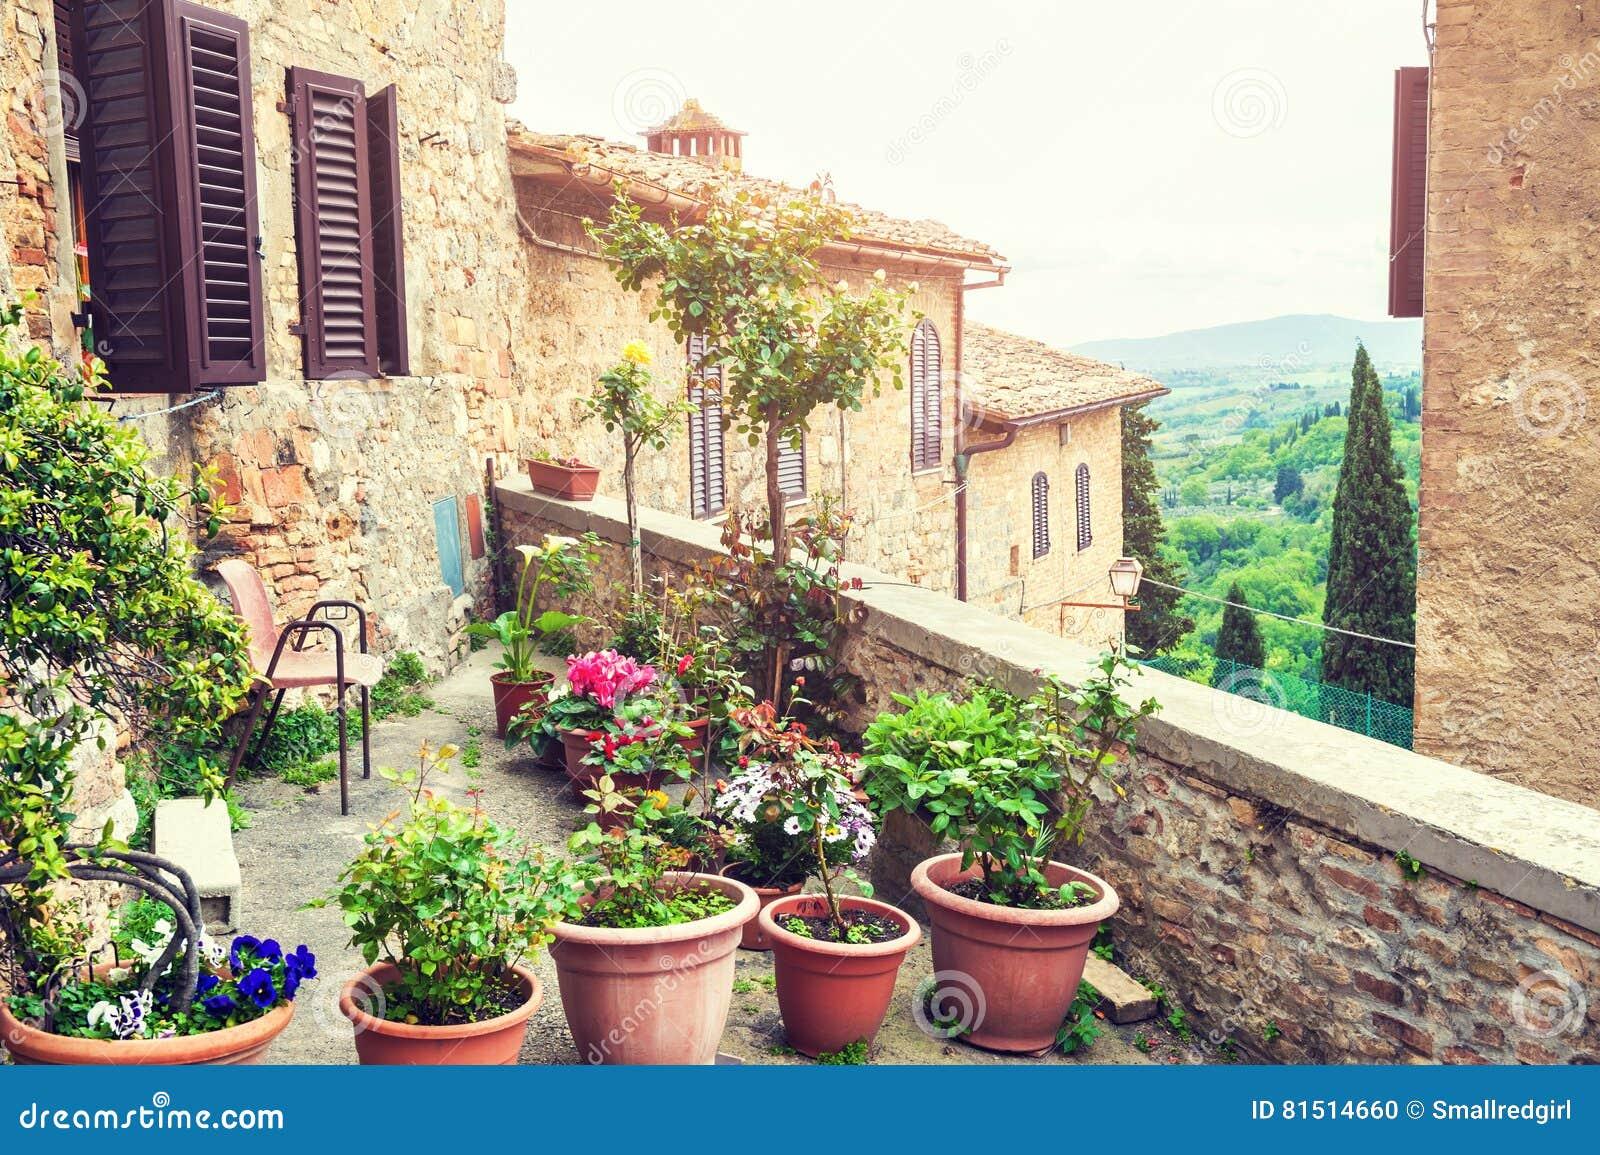 Terrasse Avec Des Fleurs Dans Une Maison Italienne Antique Photo